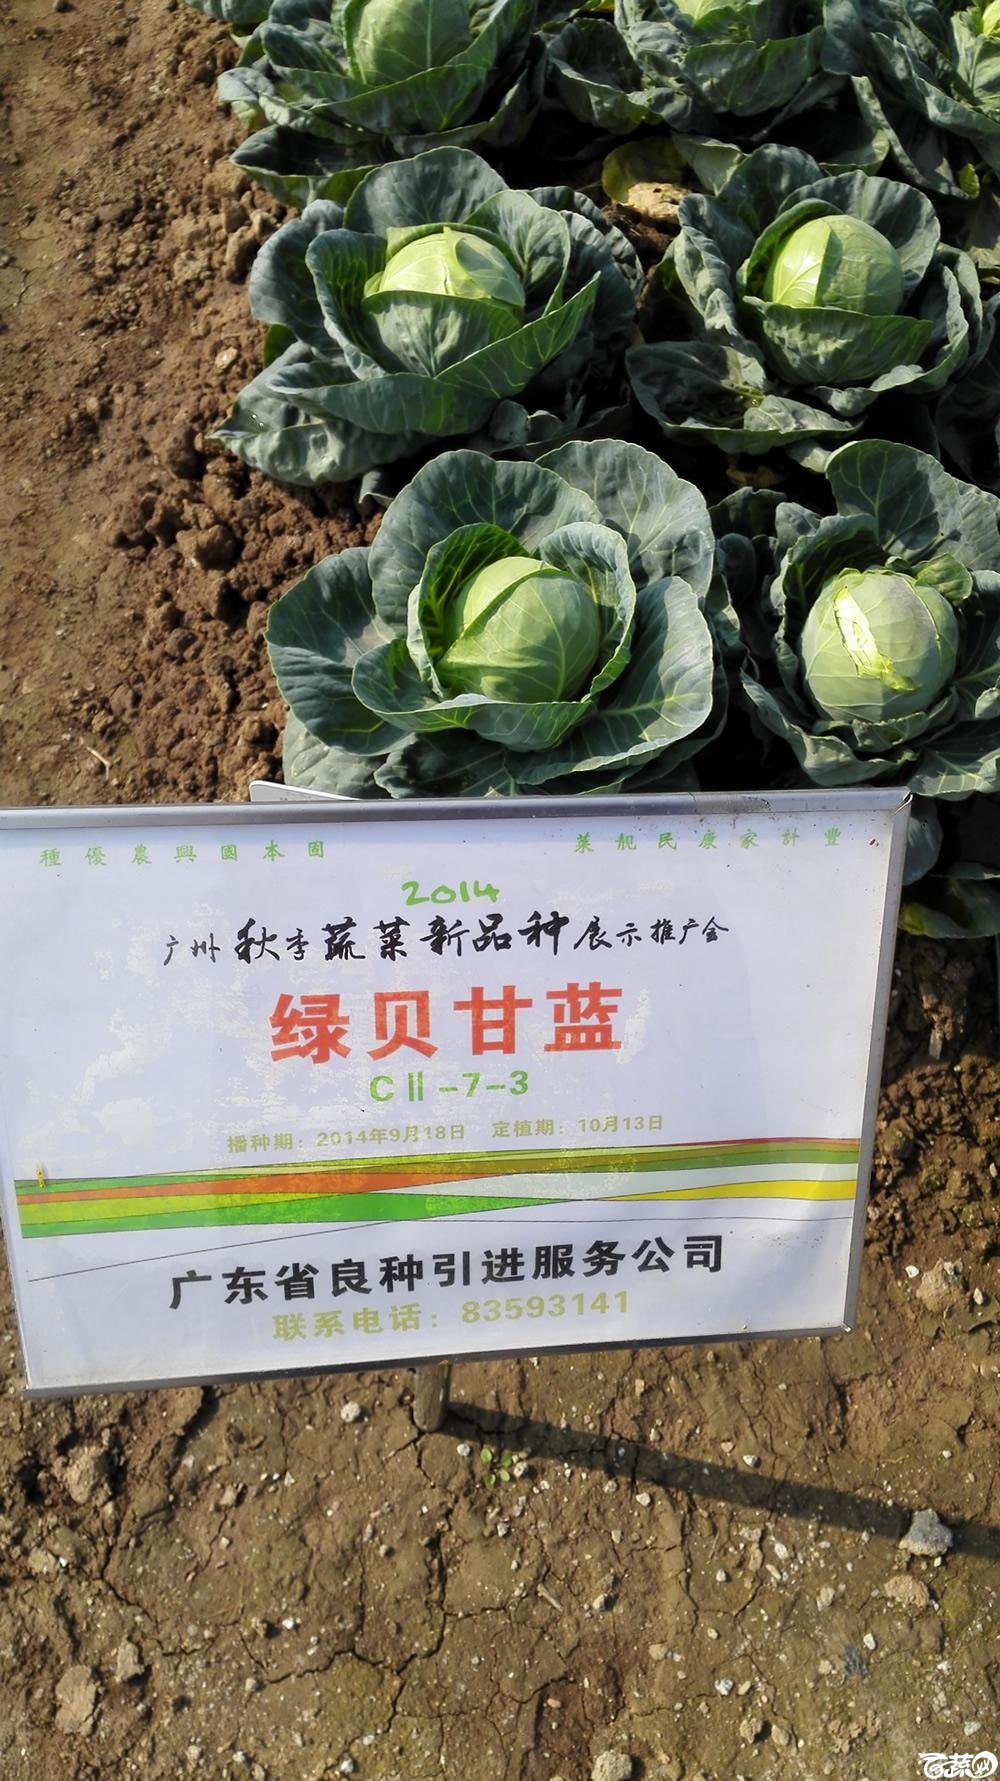 2014年12月10号广州市农科院南沙秋季蔬菜新品种展示会 甘蓝_104.jpg